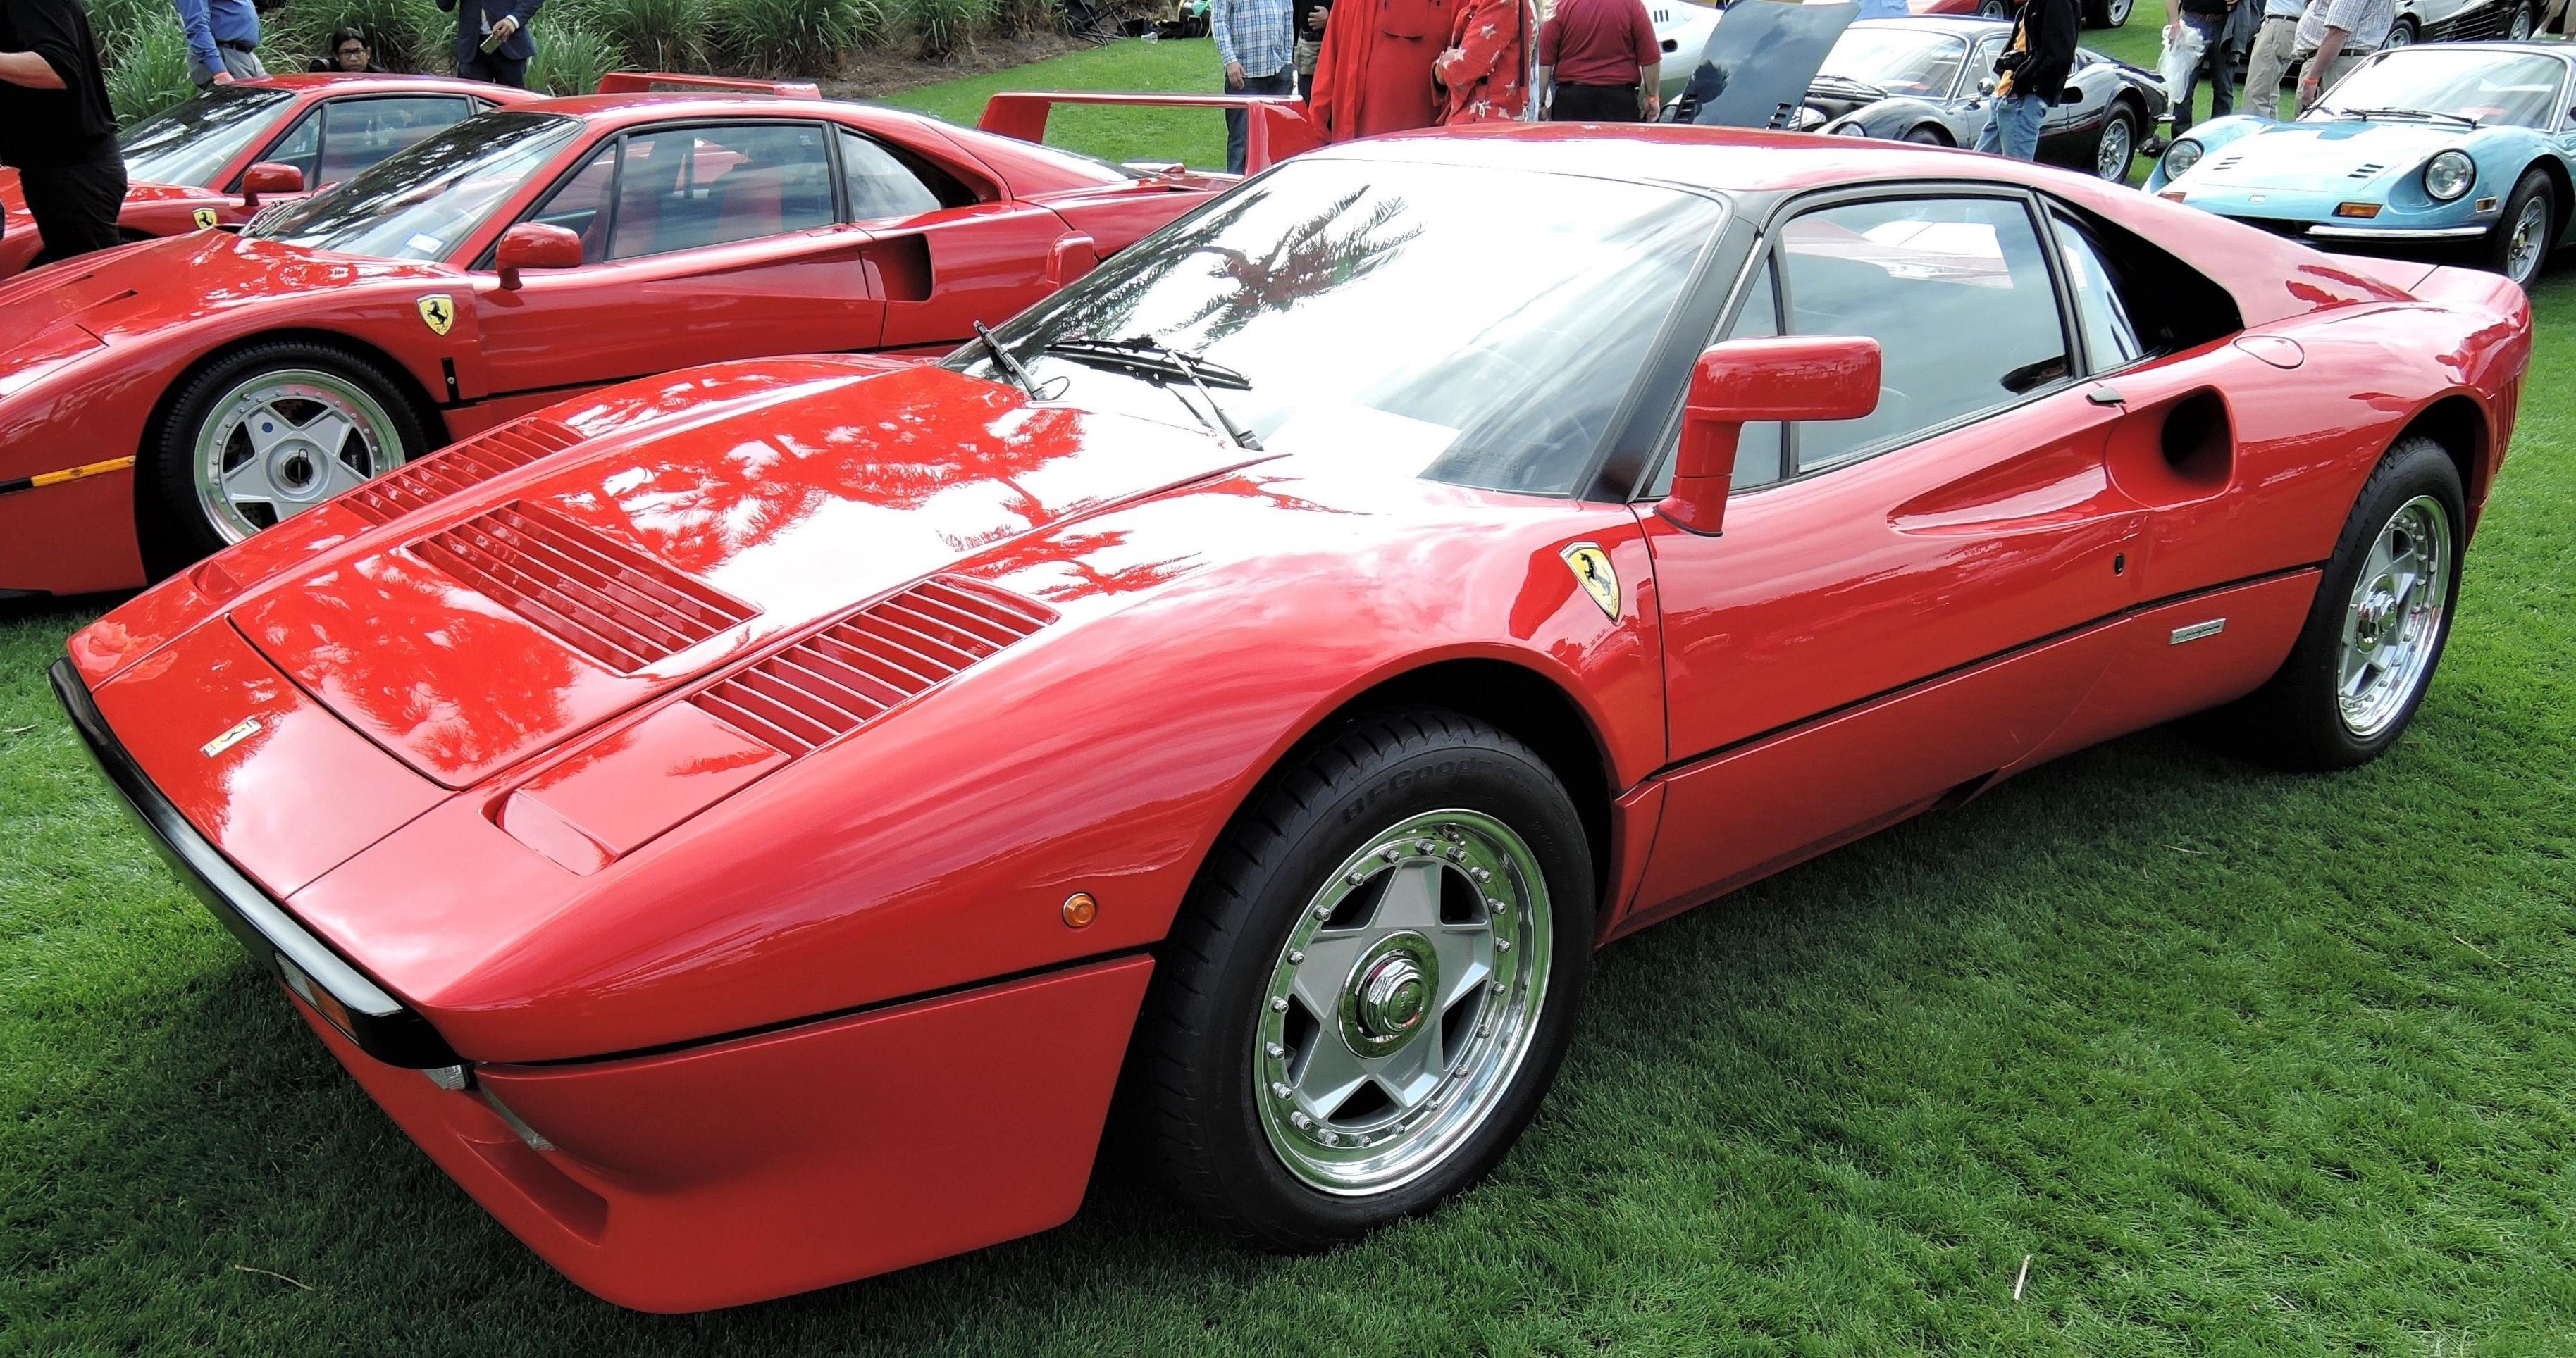 red 1984 Ferrari 288 GTO; Sn 52743 - Cavallino 2018 Concours